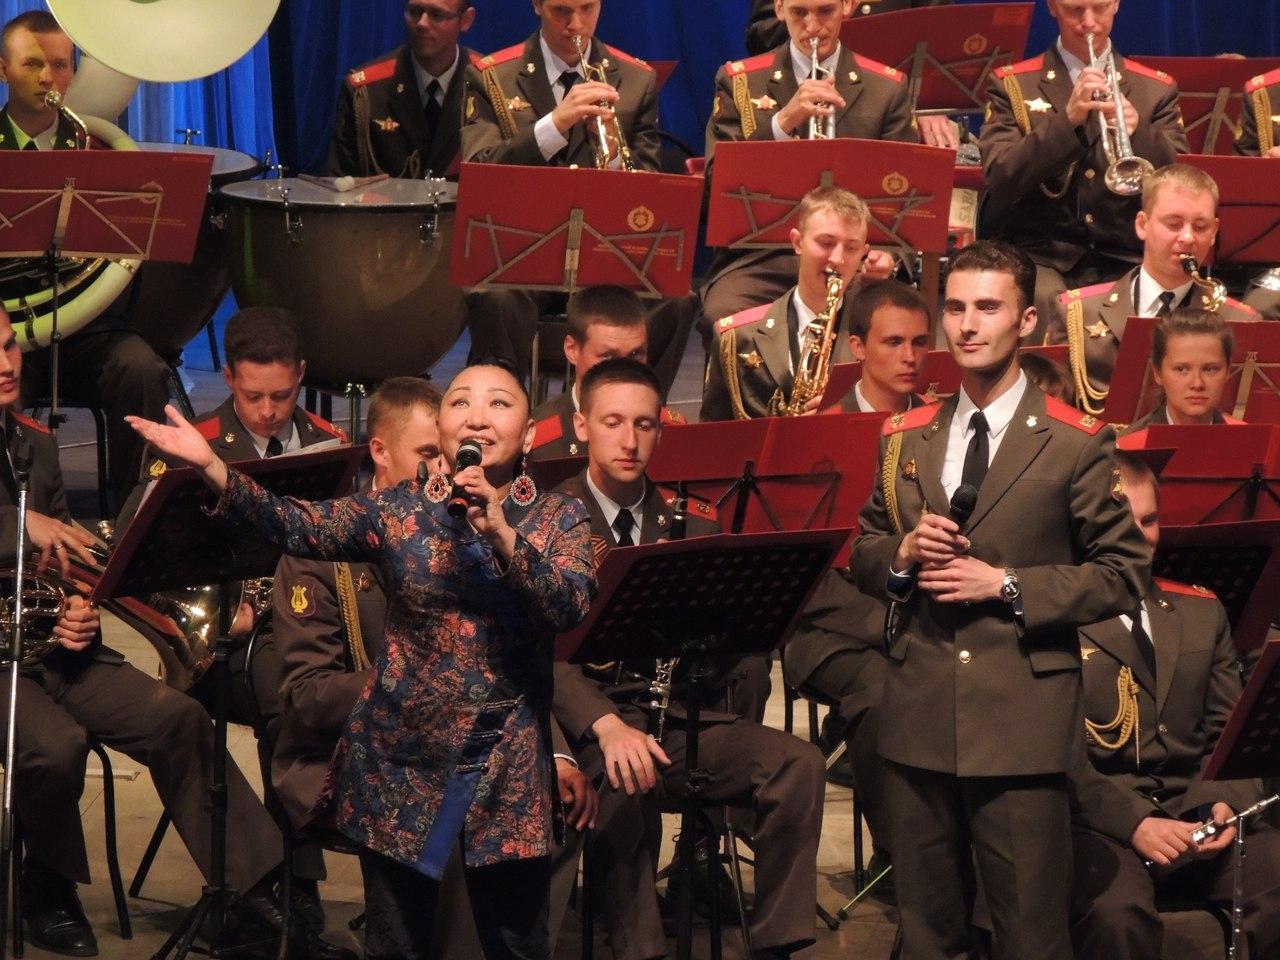 дирижеры военных оркестров россии жена командировке, любвеобильный